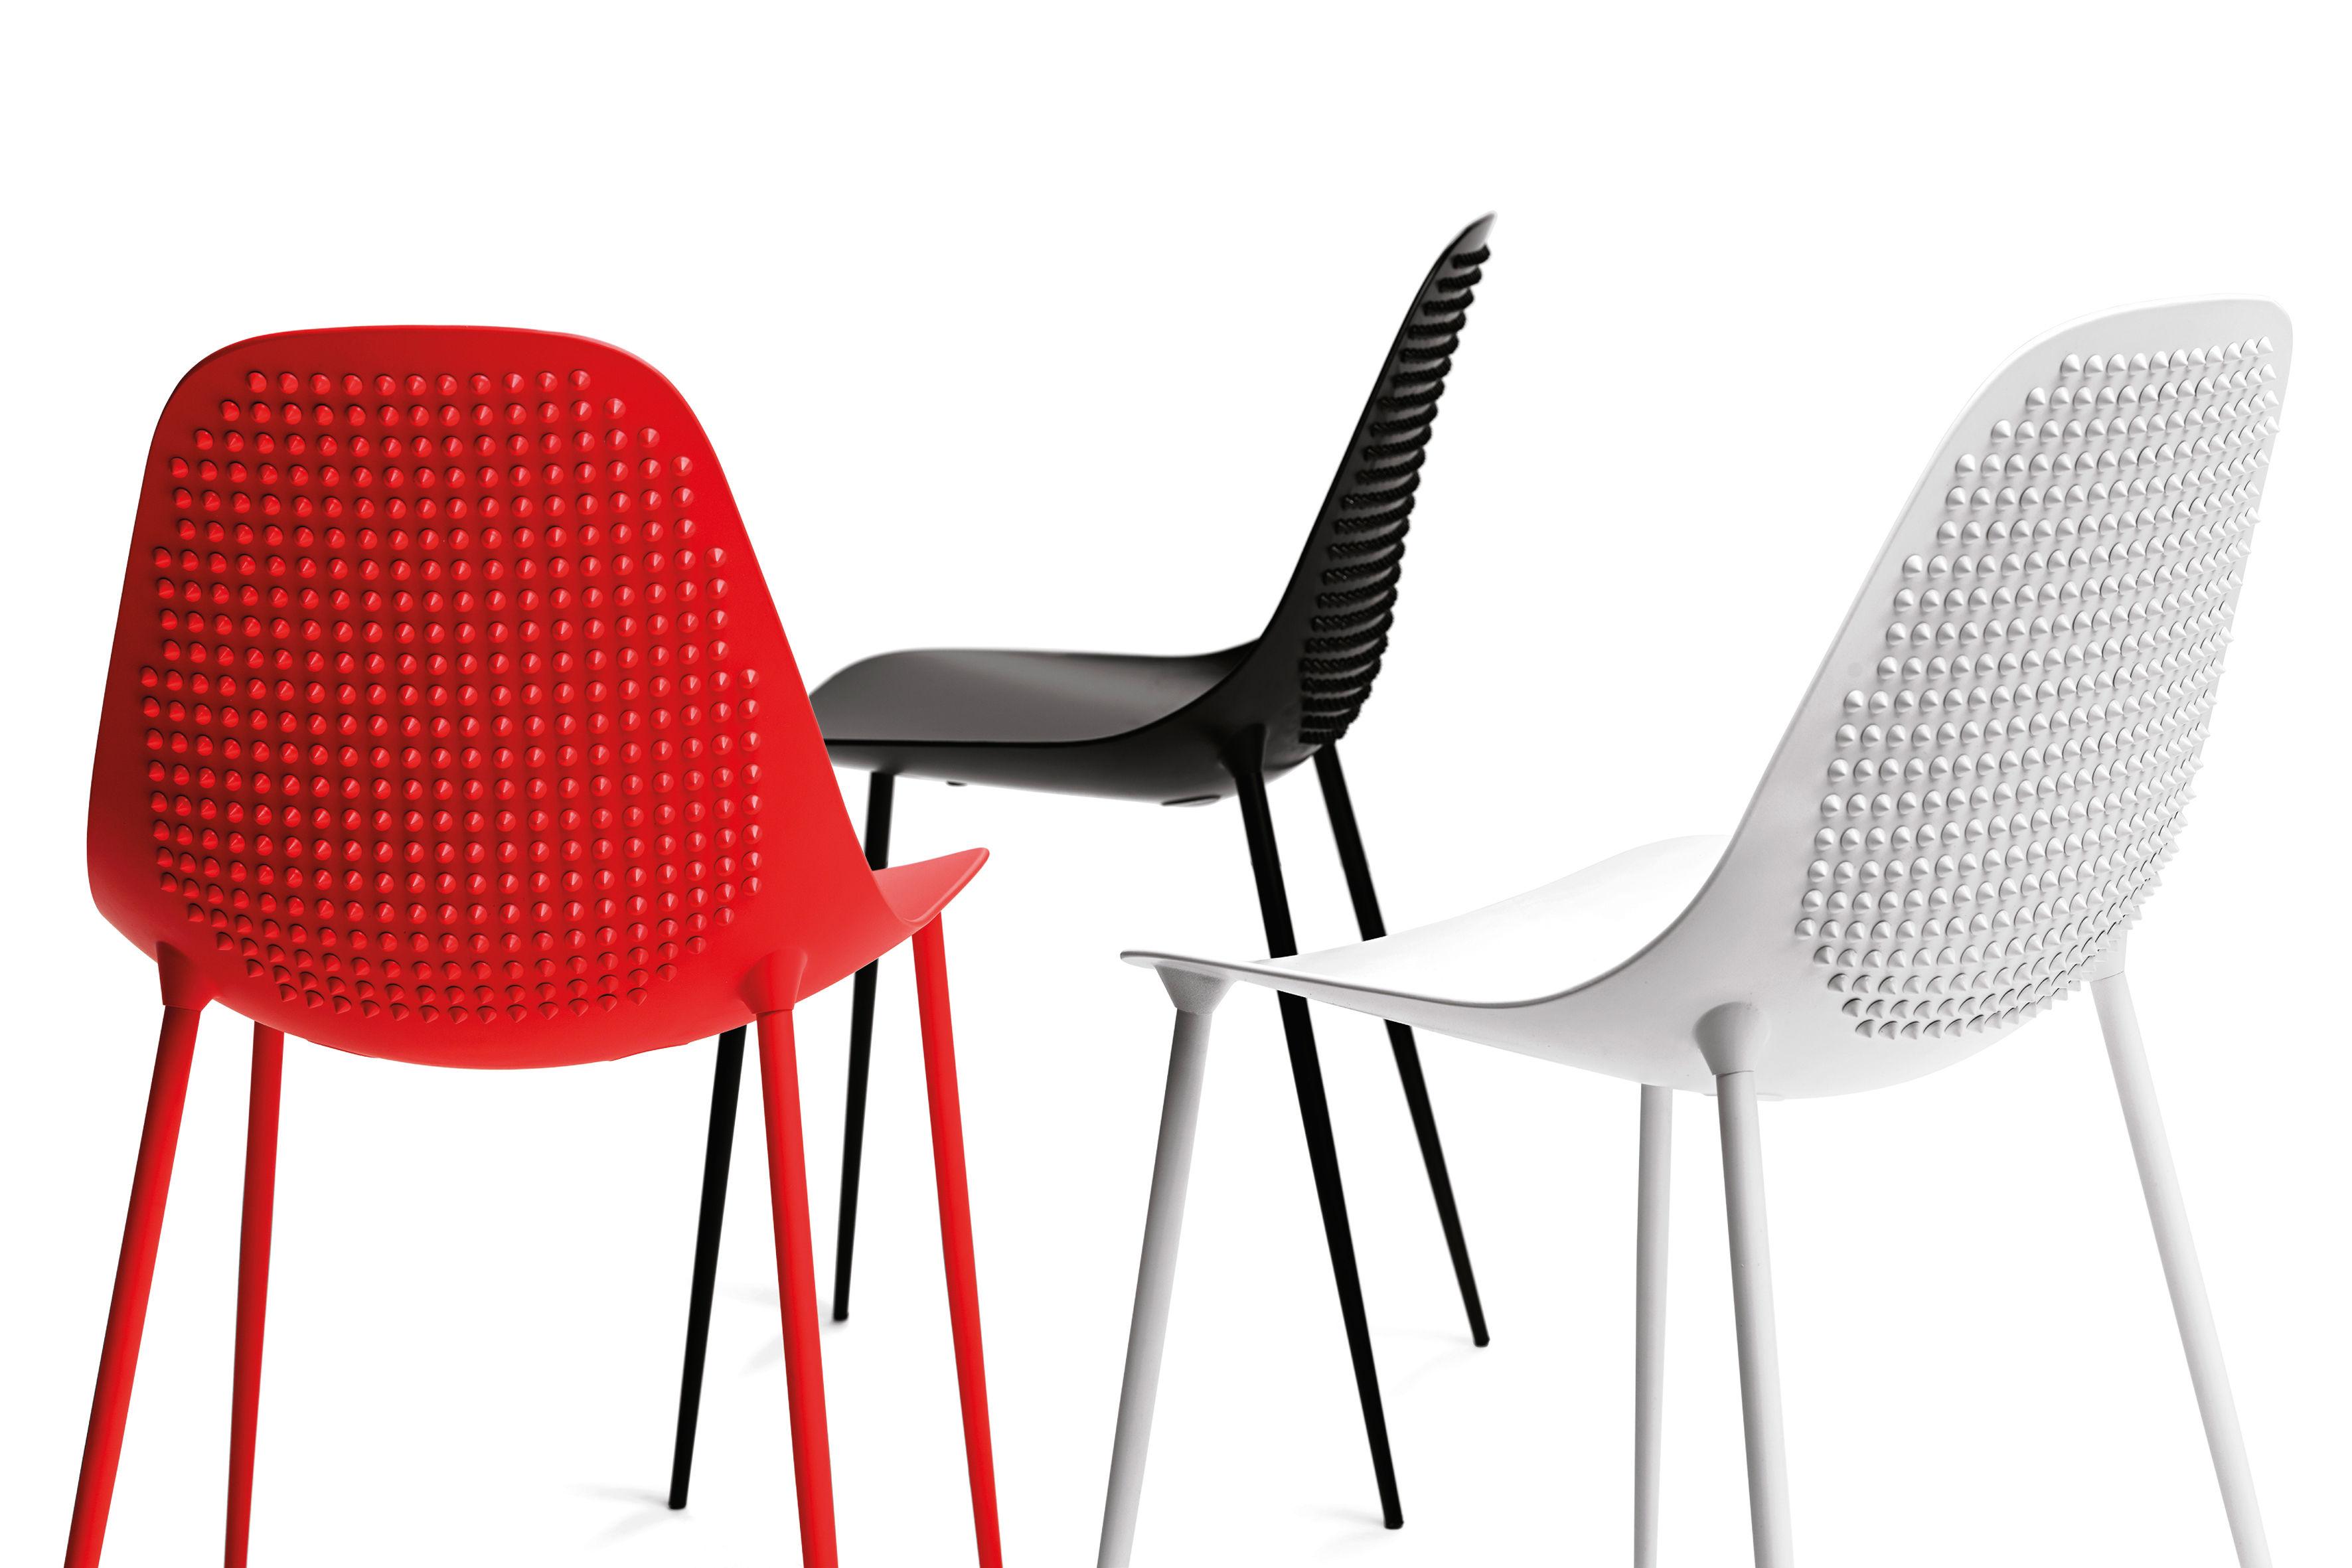 mammamia punk stuhl mit nieten versehen sitzschale stuhlbeine metall chrom gl nzend. Black Bedroom Furniture Sets. Home Design Ideas